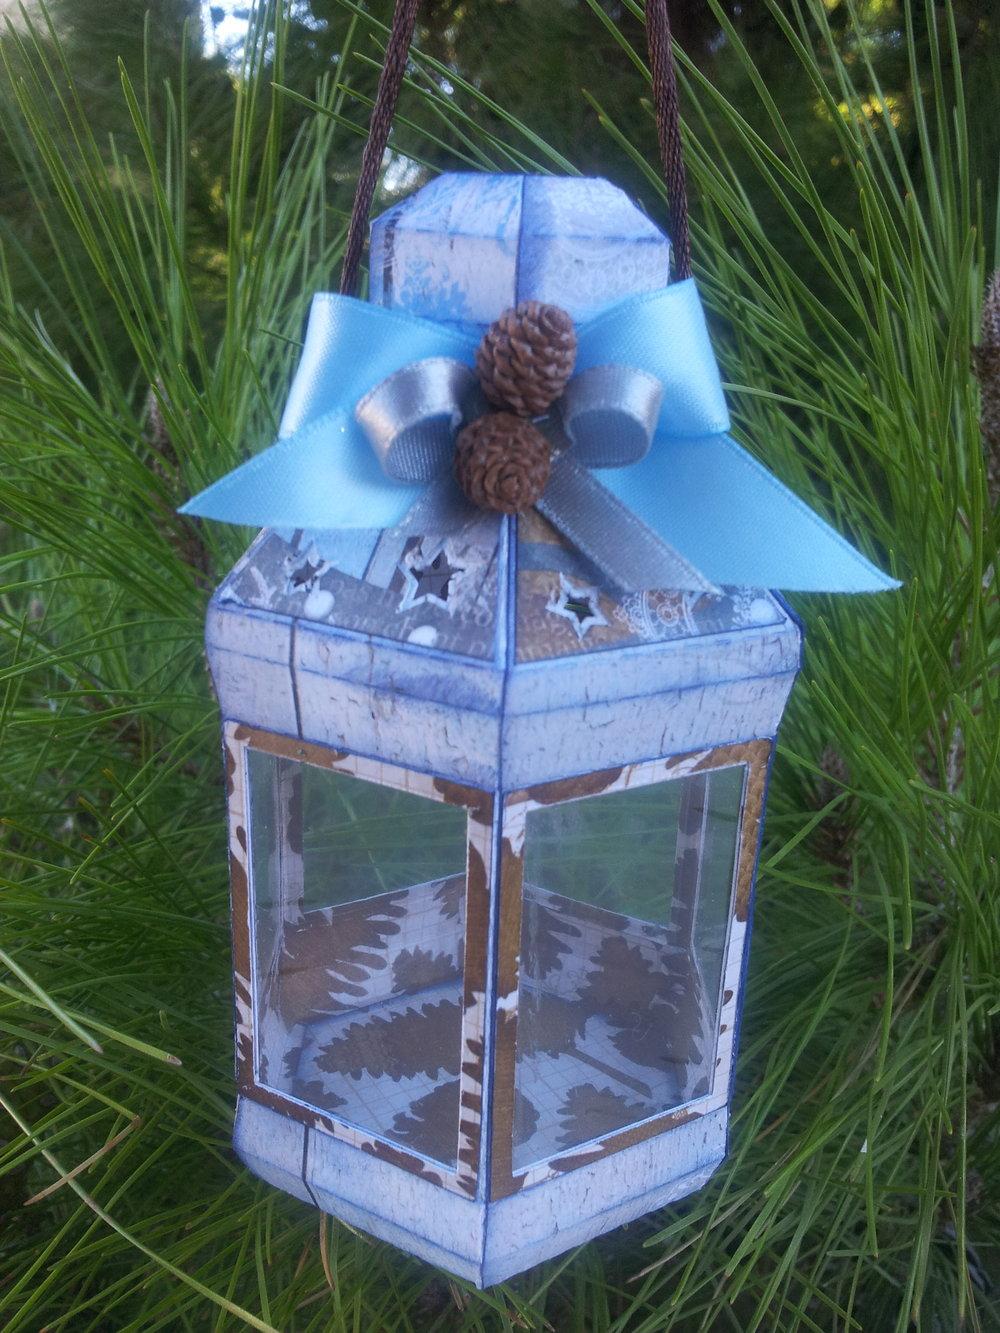 4. Small Lantern Ornament